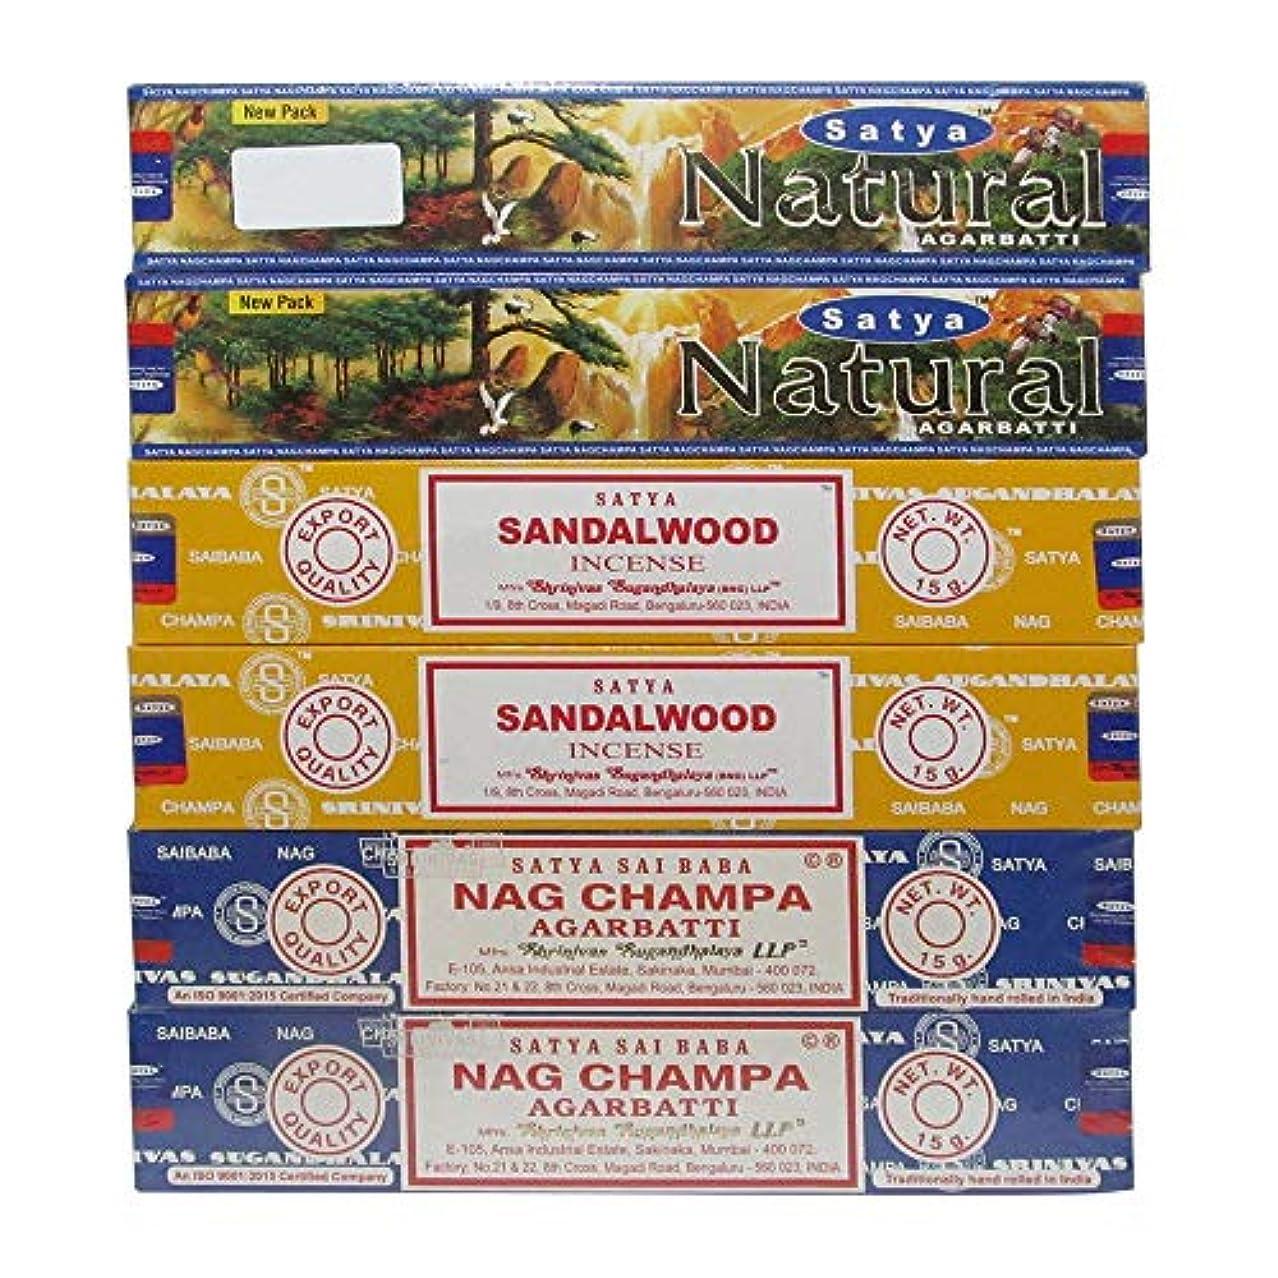 くしゃみ保証金自慢Satya ナチュラル、サンダルウッド&ナグチャンパお香スティック バラエティパック 6箱 各15グラム 最高のエアロマティックな自然の香り 祈り、瞑想、ヨガ、リラックスピーズ、ポジティビティヒーリングに最適